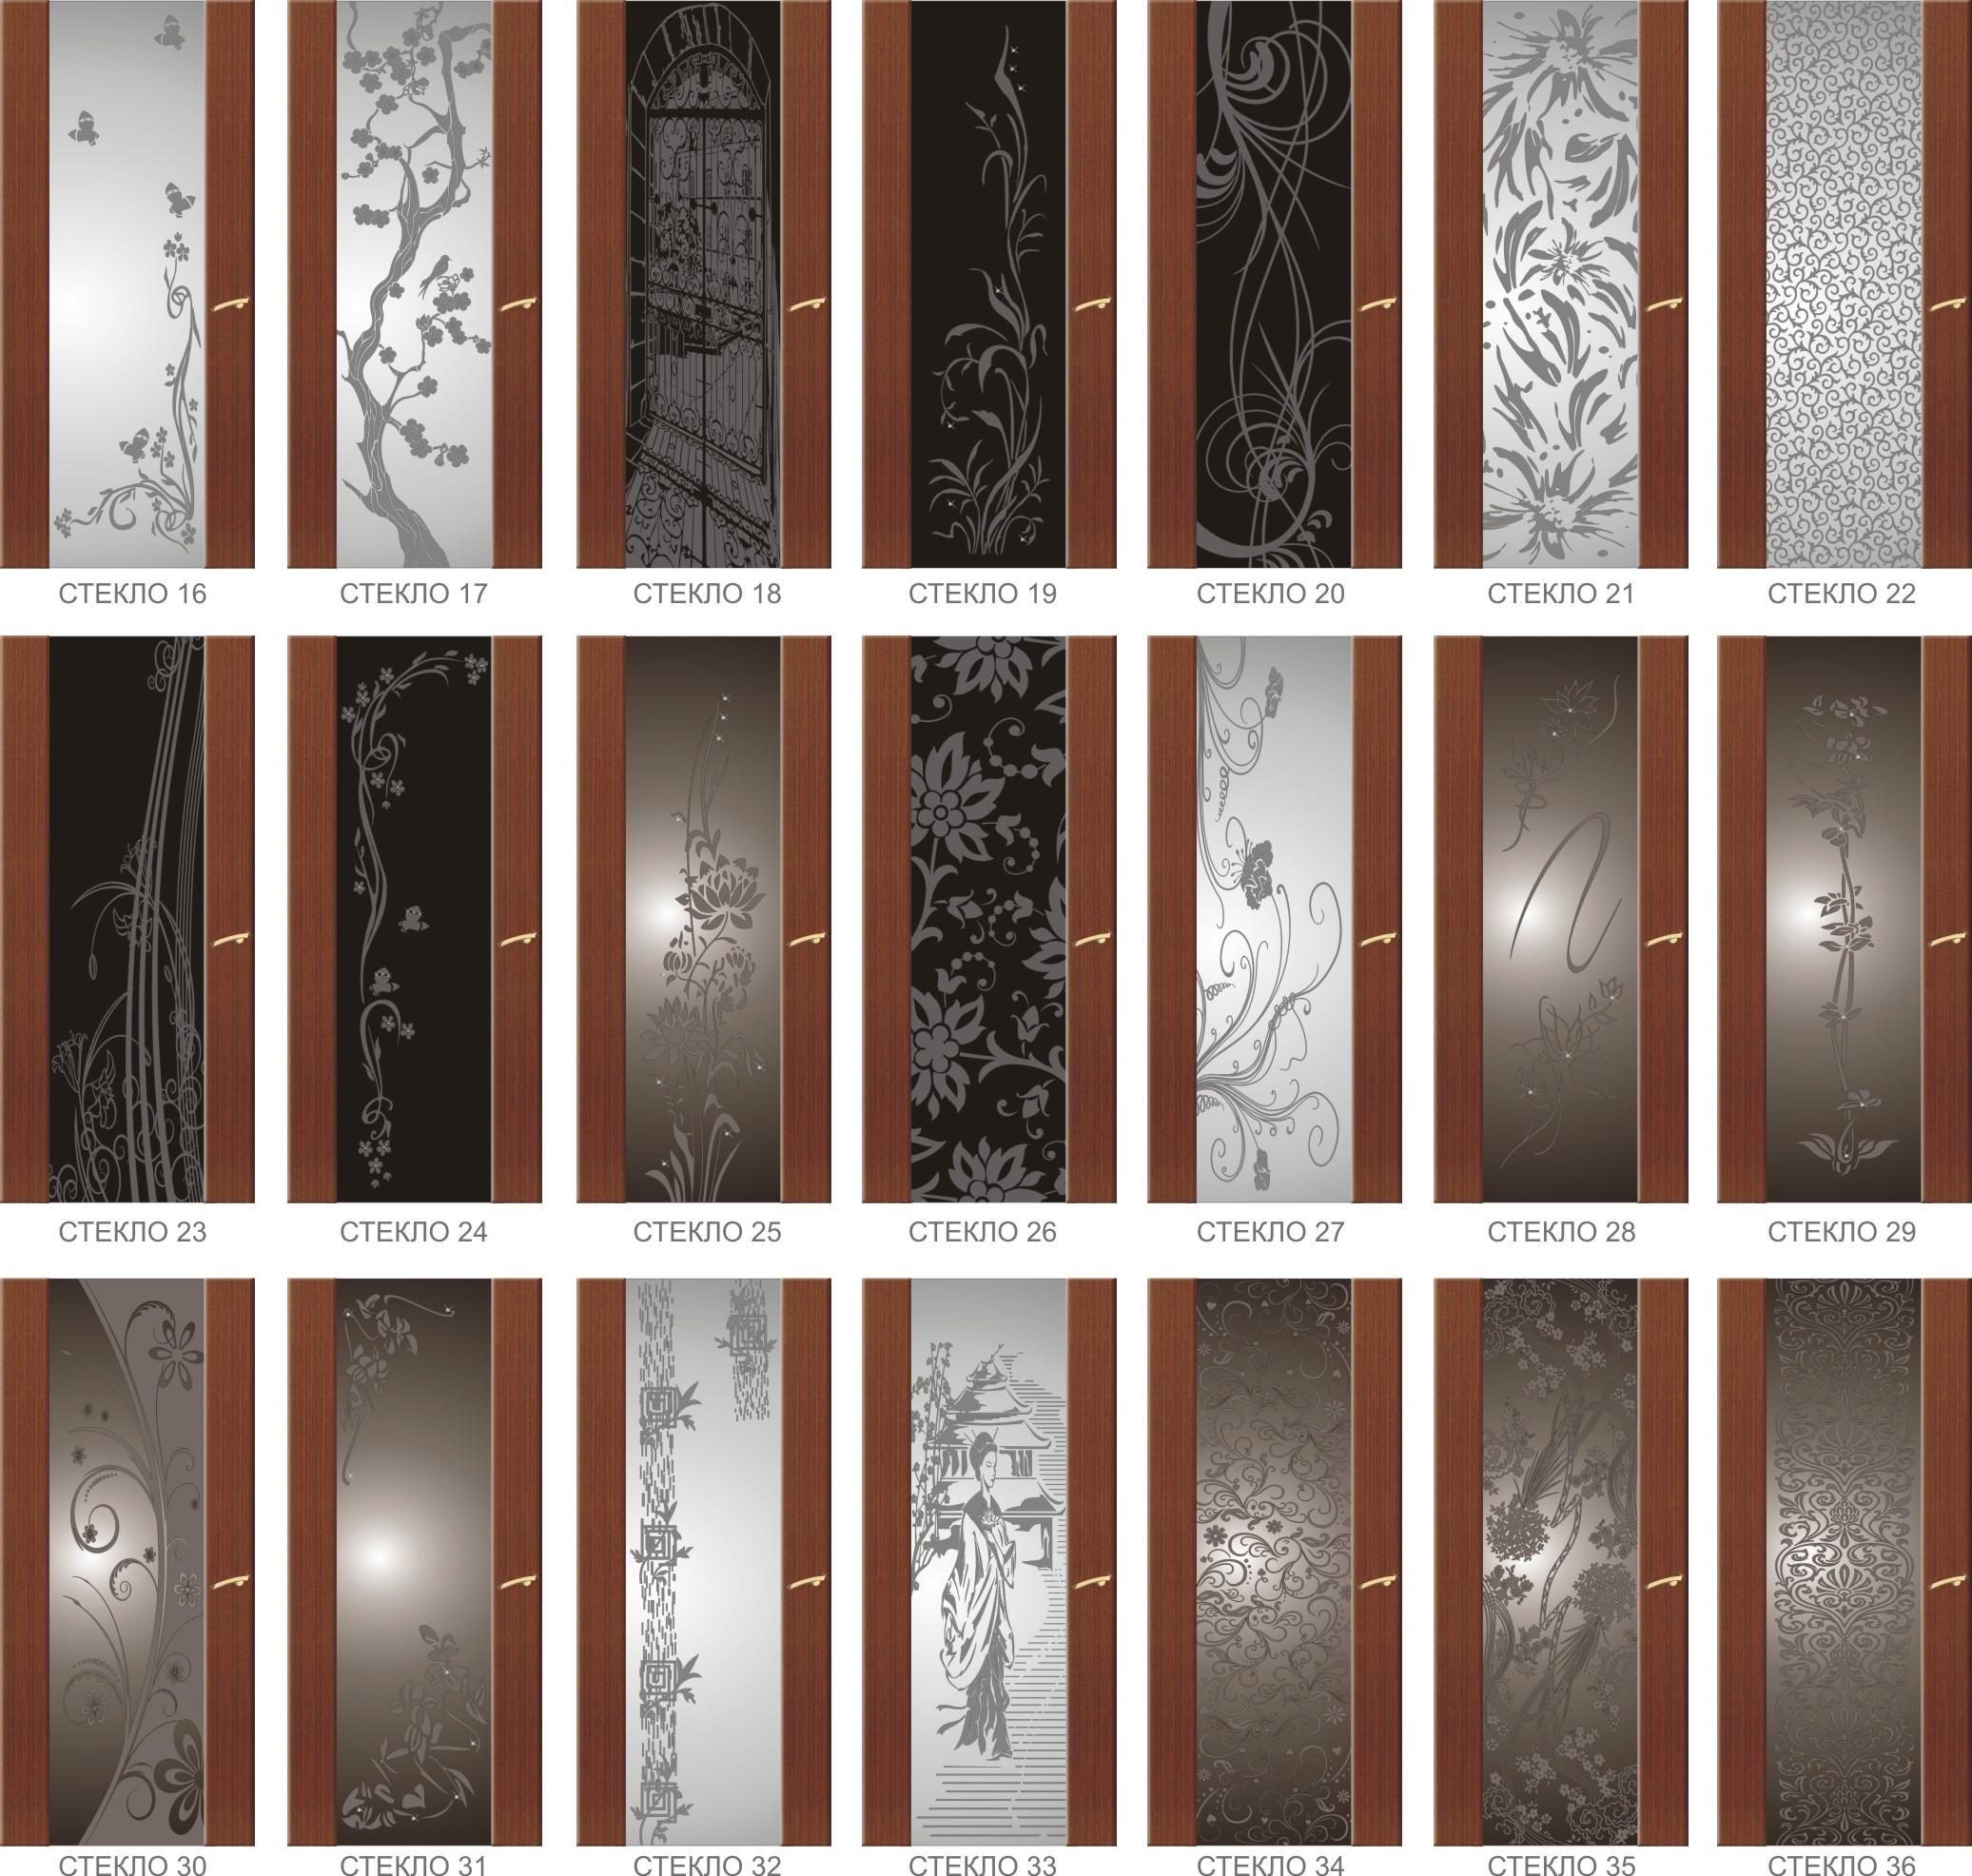 Варианты остекления дверей Трипликс 2